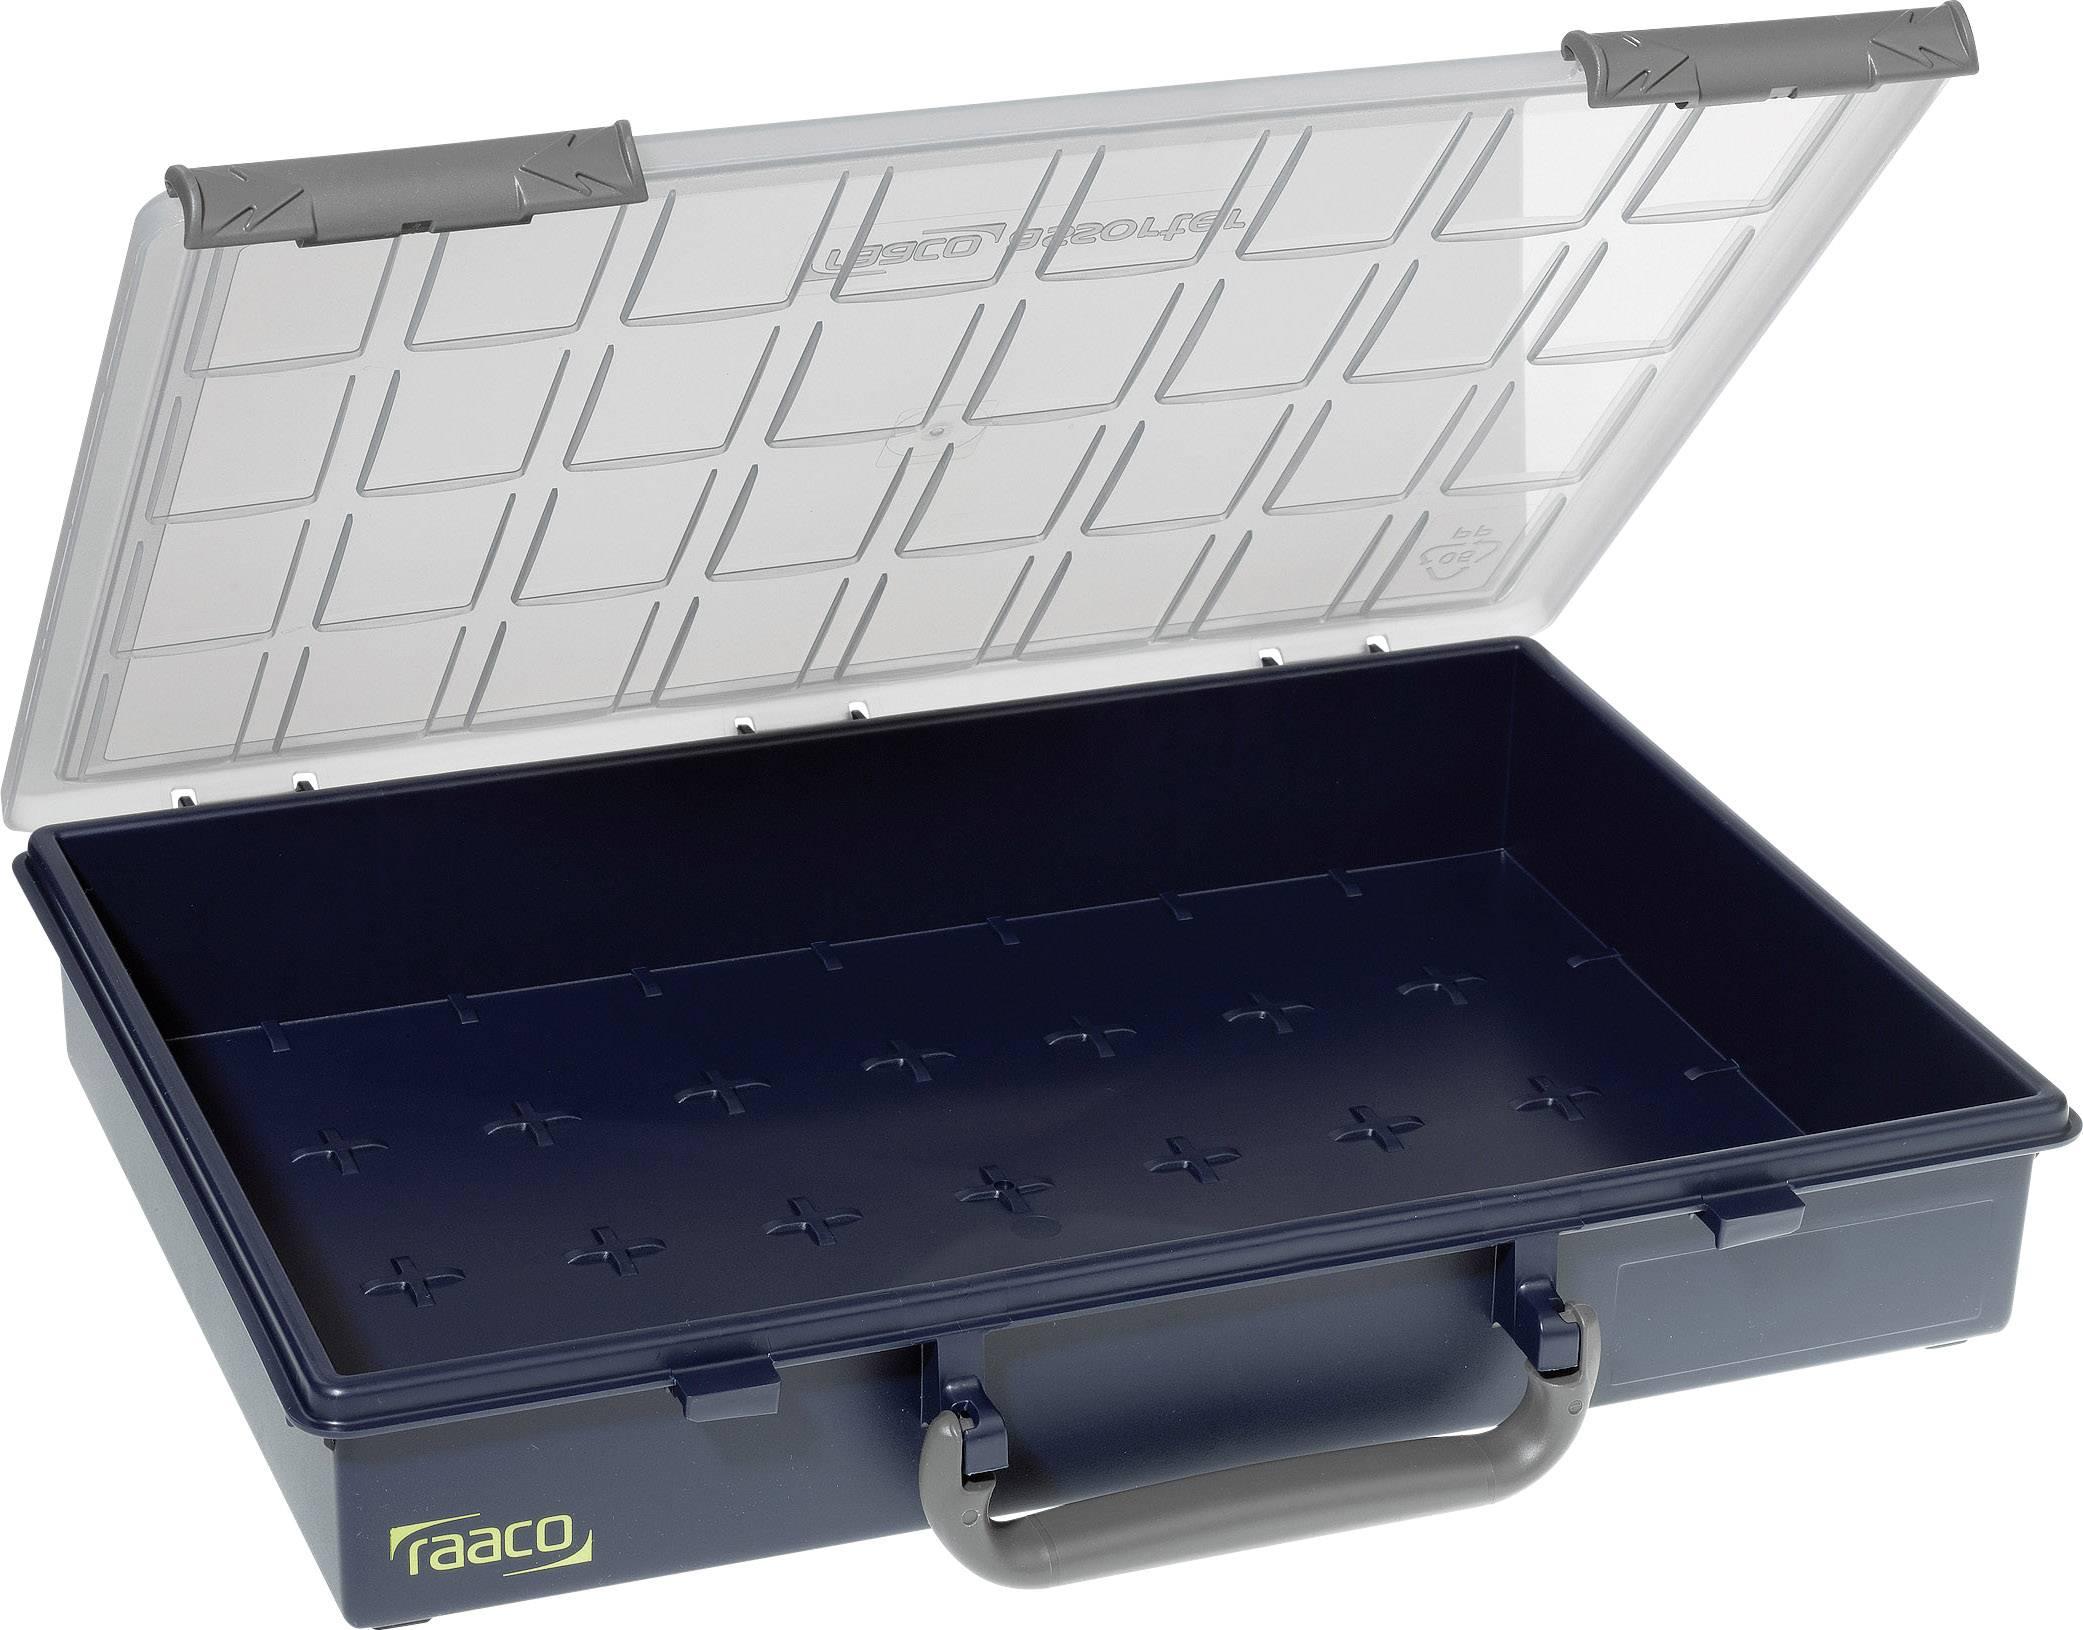 raaco Assorter 55 4x8-0 sortirni zabojnik (D x Š x V) 338 x 261 x 57 mm Število predalov: 1   1 kos